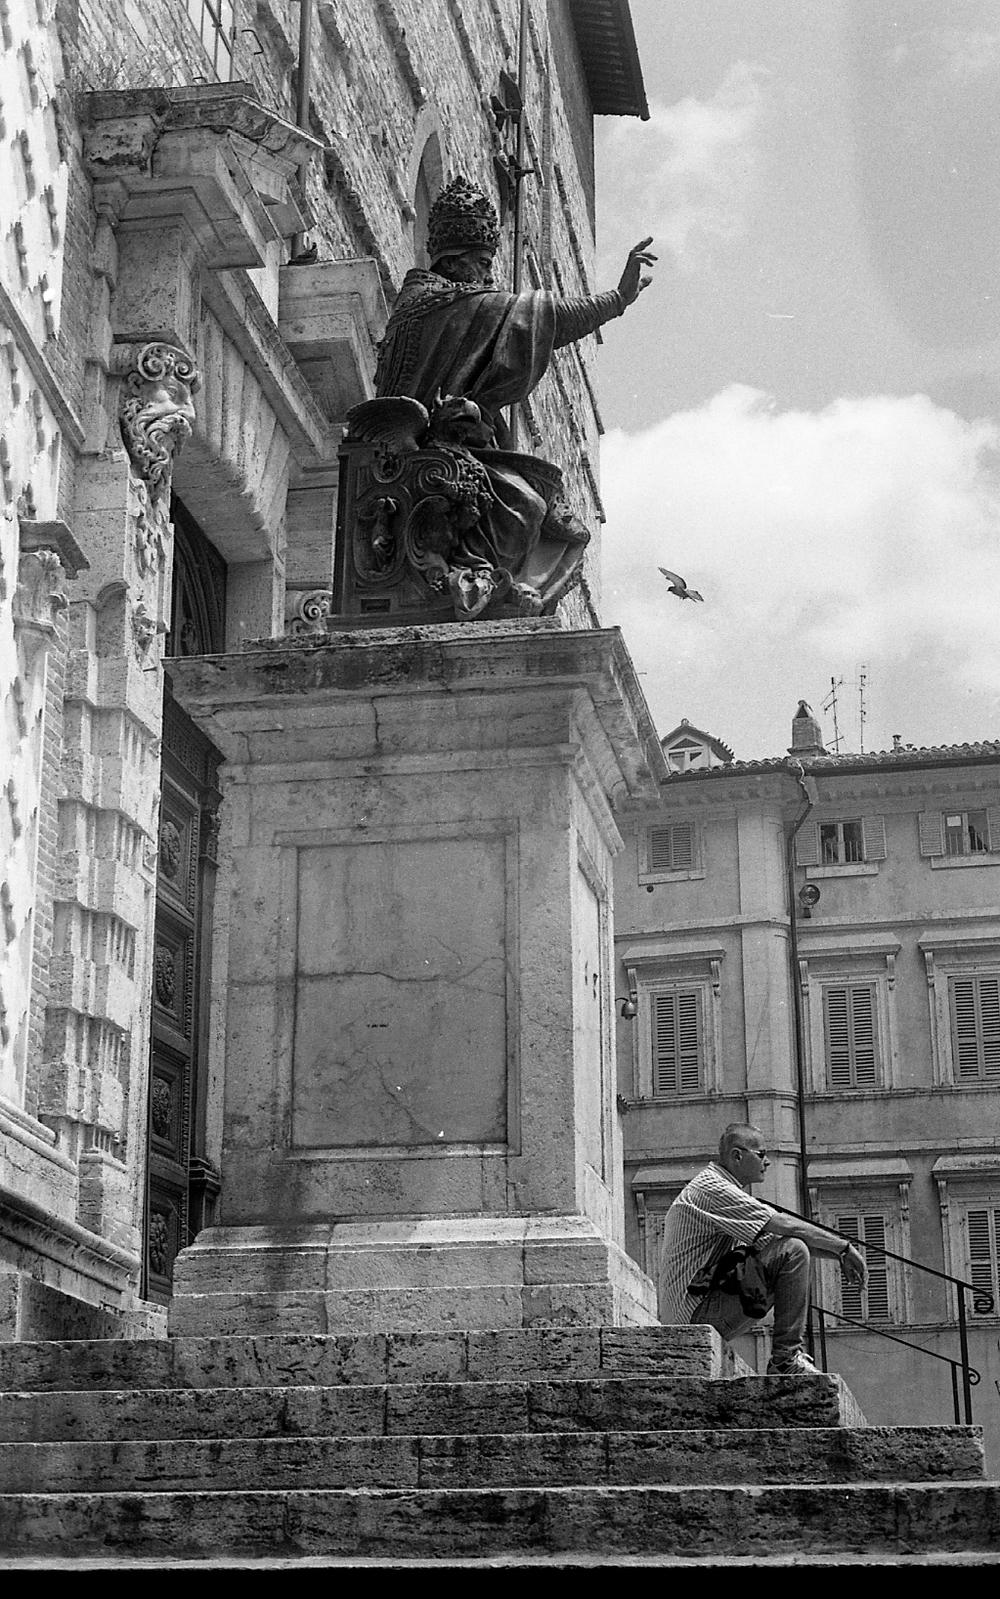 Perugia. 35mm.